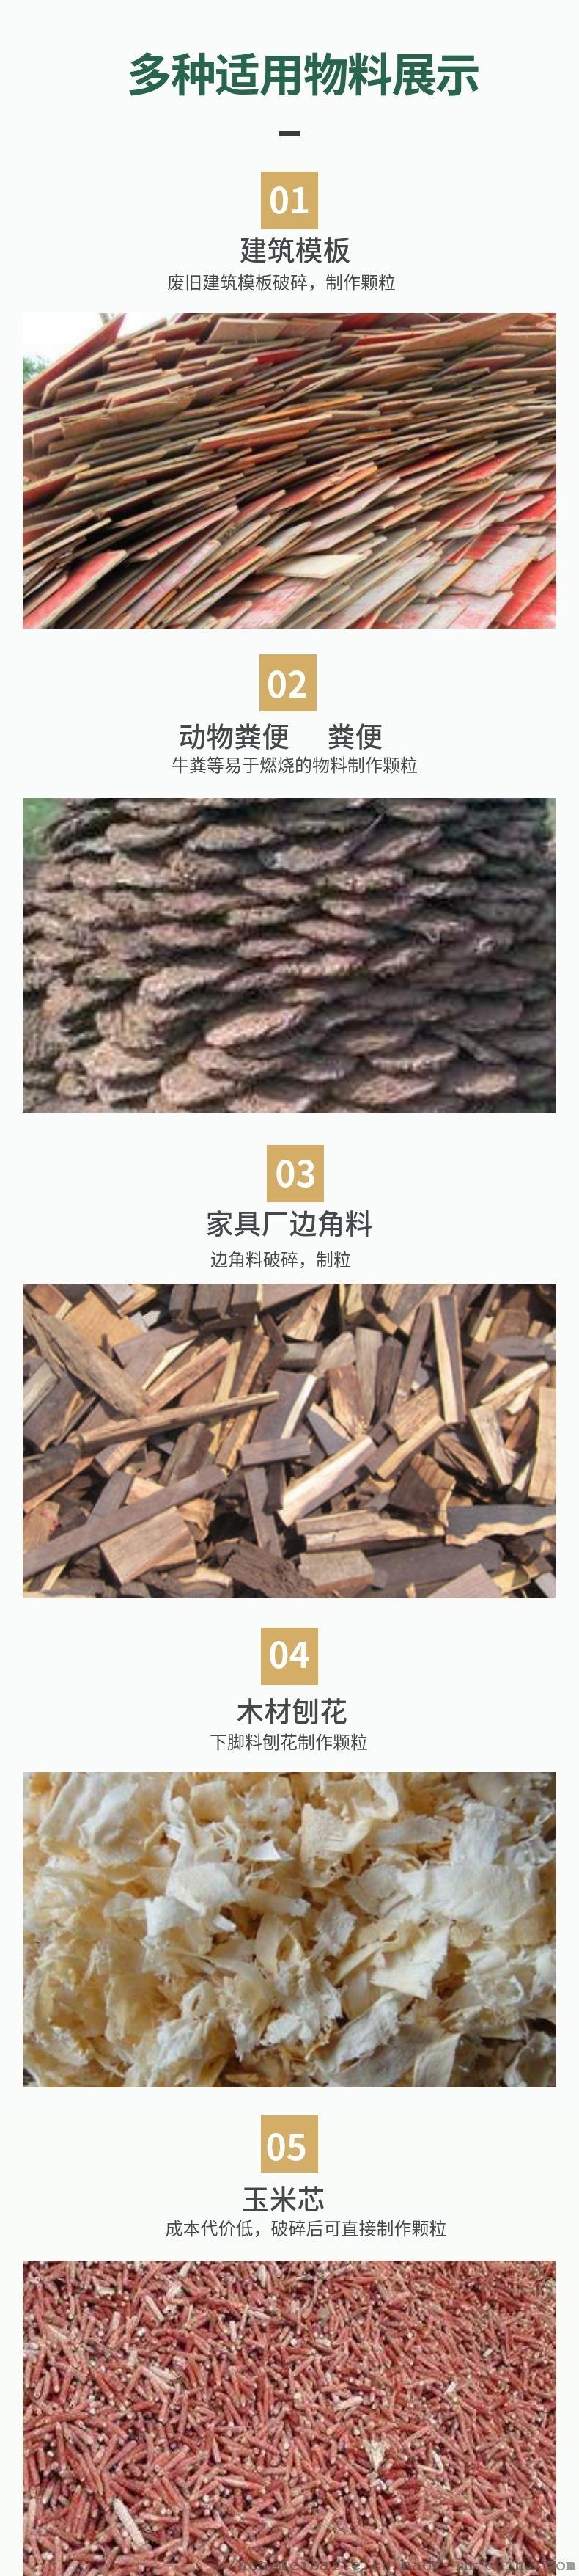 鋸末稻殼壓制 壓製顆粒成型木屑顆粒機 生物質顆粒機 可配置線114767402